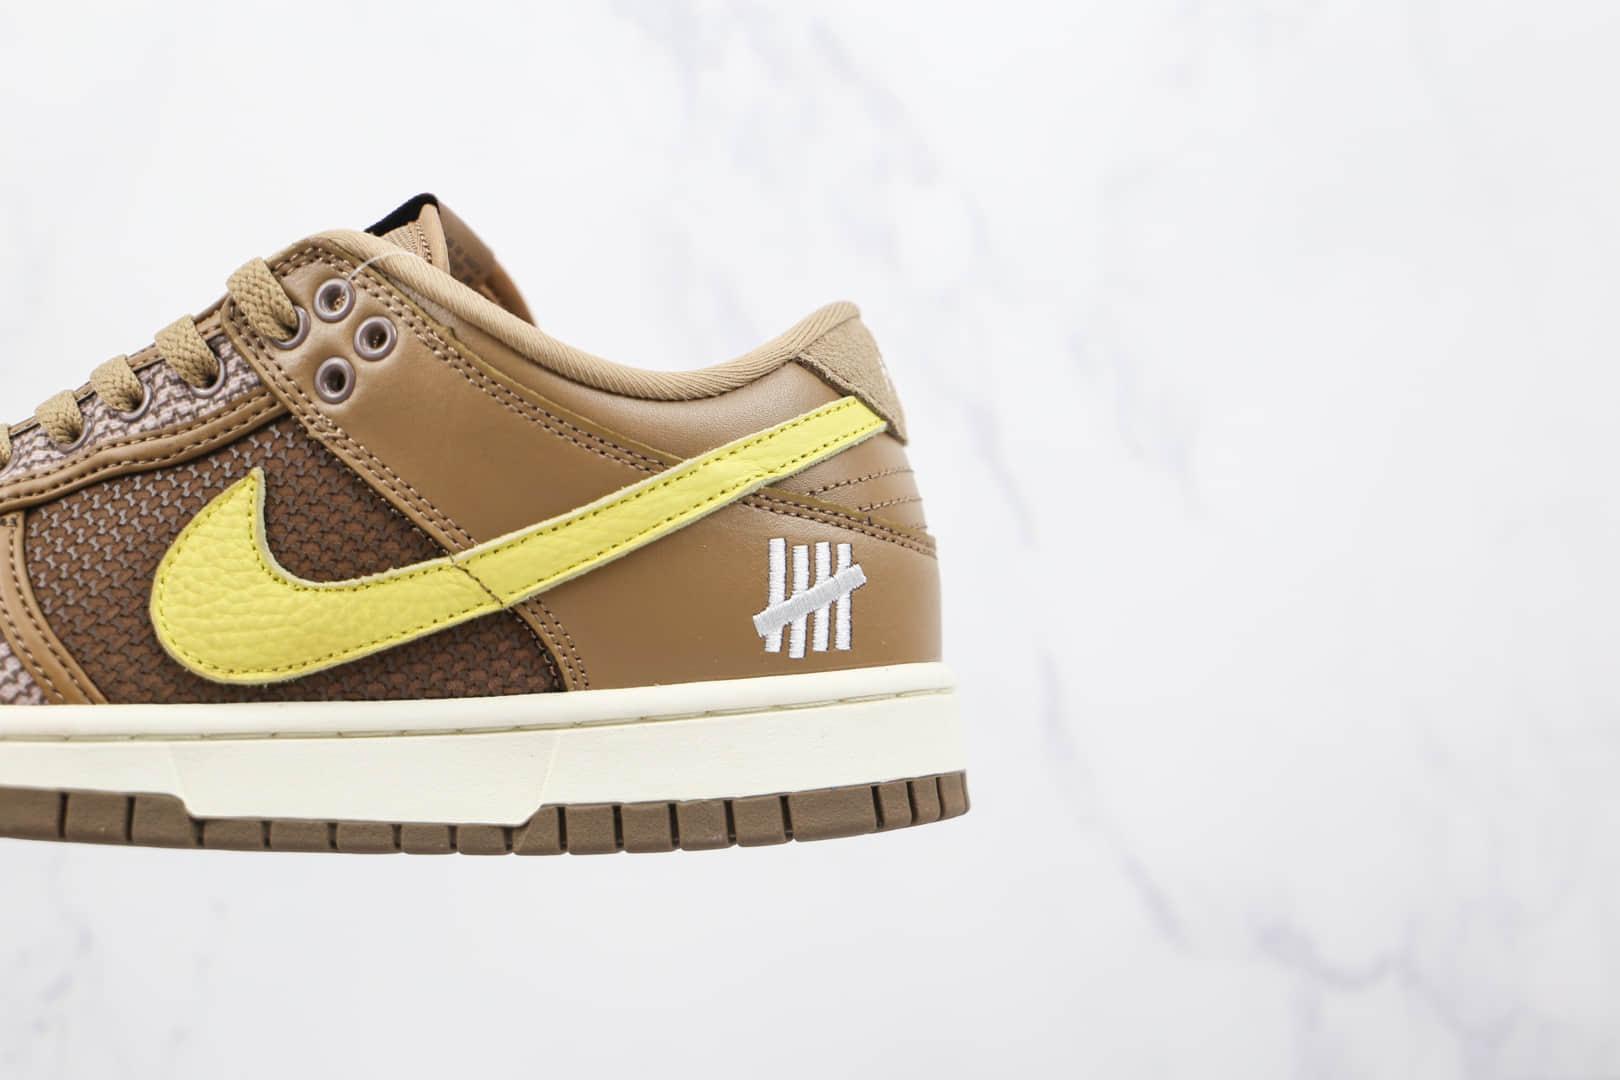 耐克NIKE DUNK LOW X UNDEFEATED联名款纯原版本低帮DUNK棕黄色板鞋原盒原标 货号:DH3061-200